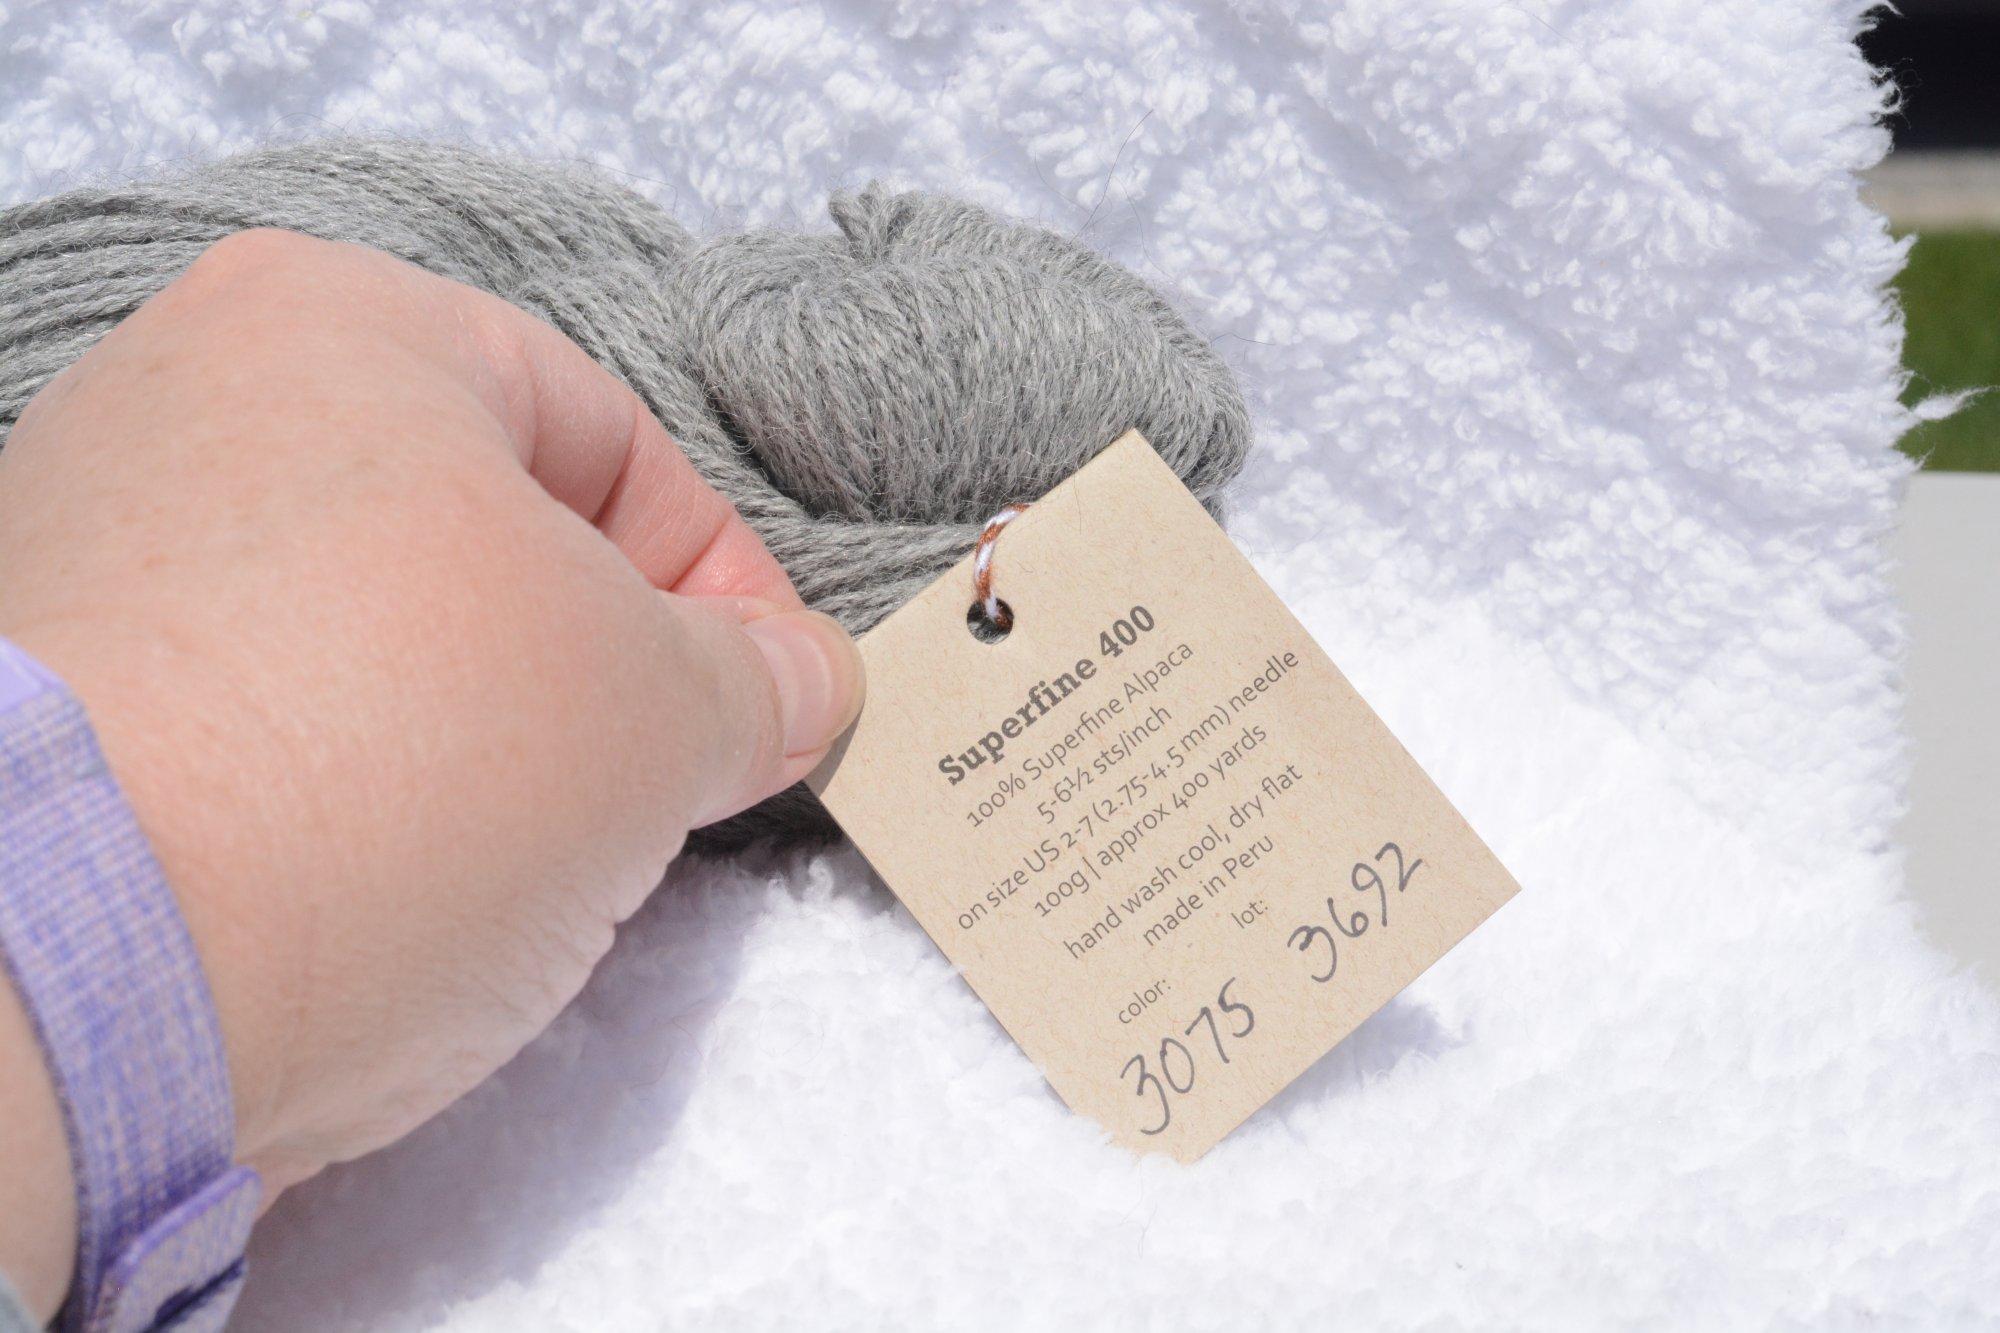 Superfine 400 - Color 3075 - Gray